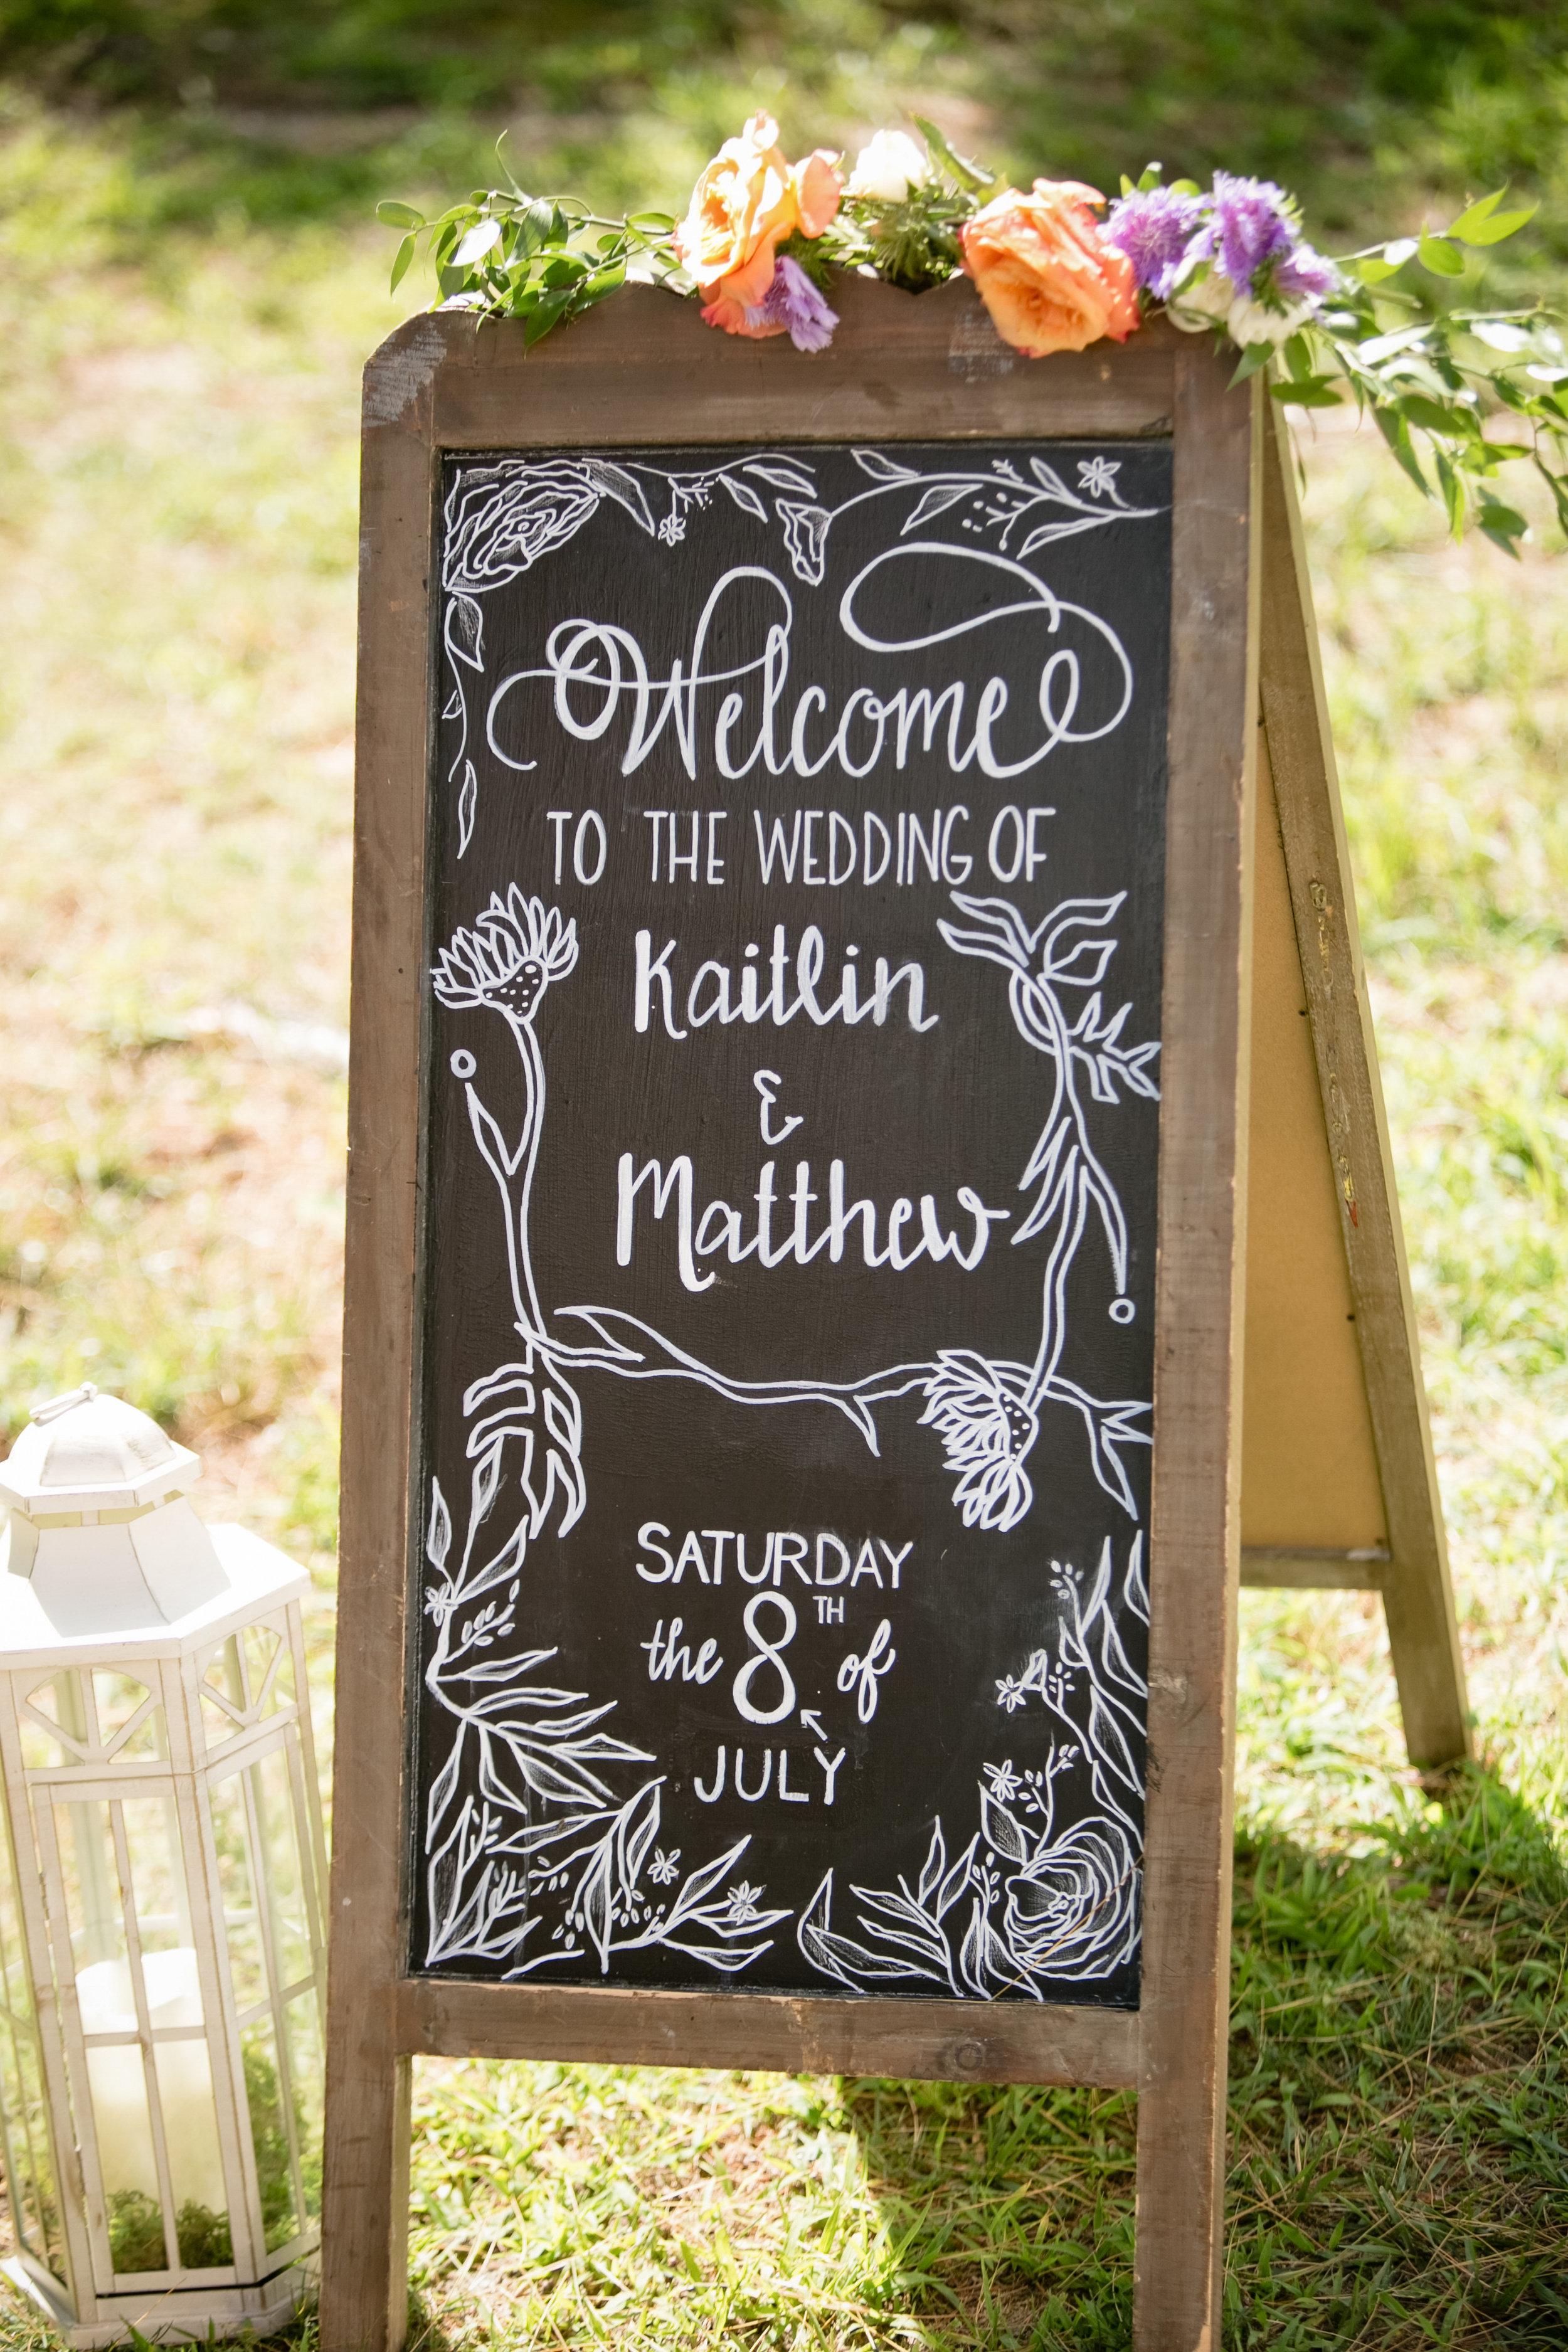 KM Wedding Photos By Lotus Weddings 0299.jpg